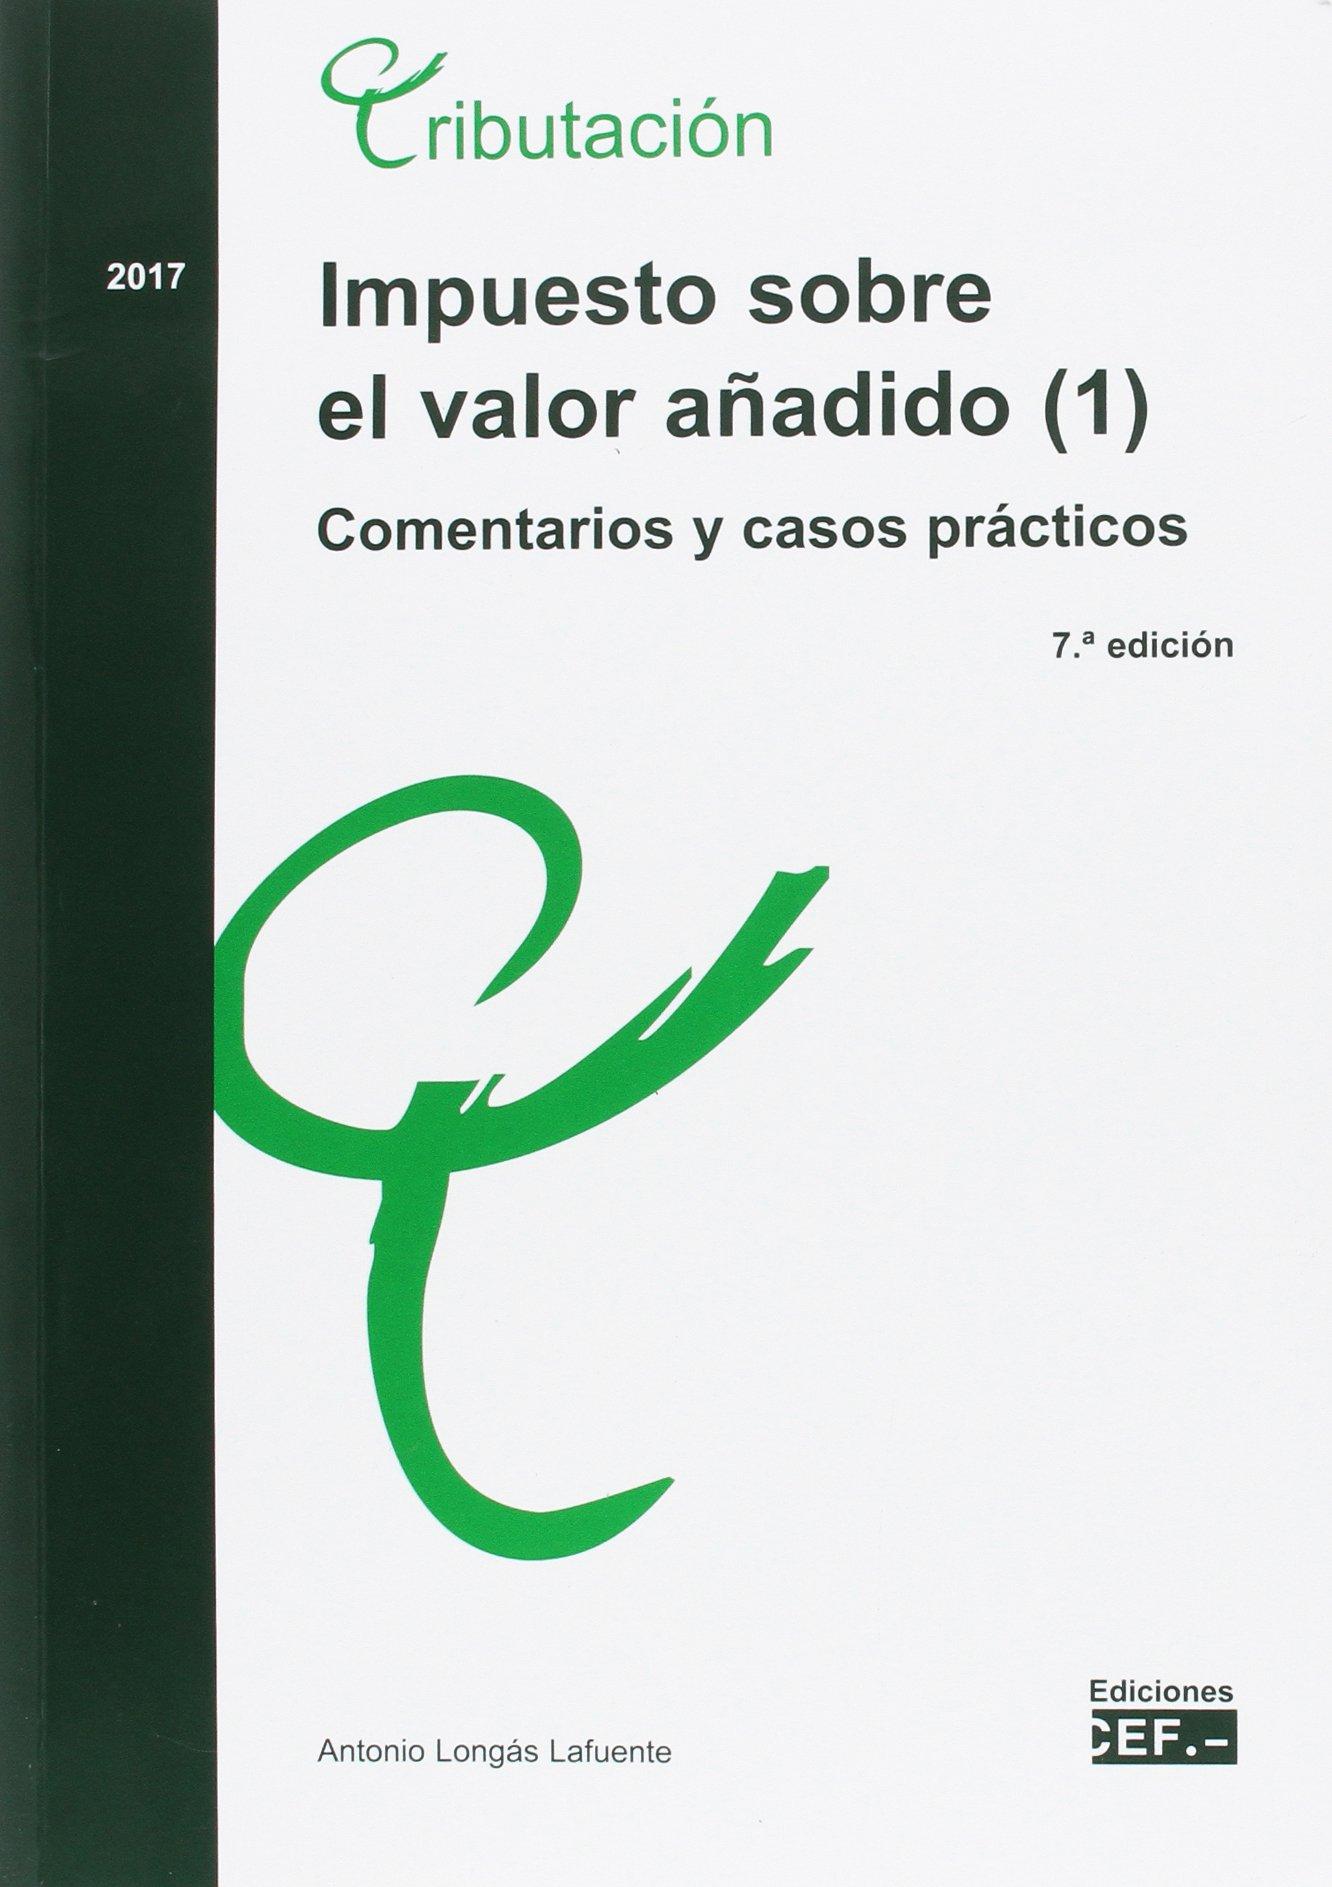 Impuesto sobre el valor añadido. Comentarios y casos prácticos: IMPUESTO SOBRE EL VALOR AÑADIDO 1 . COMENTARIOS Y CASOS PRÁCTICOS. 2017: Amazon.es: ANTONIO ...